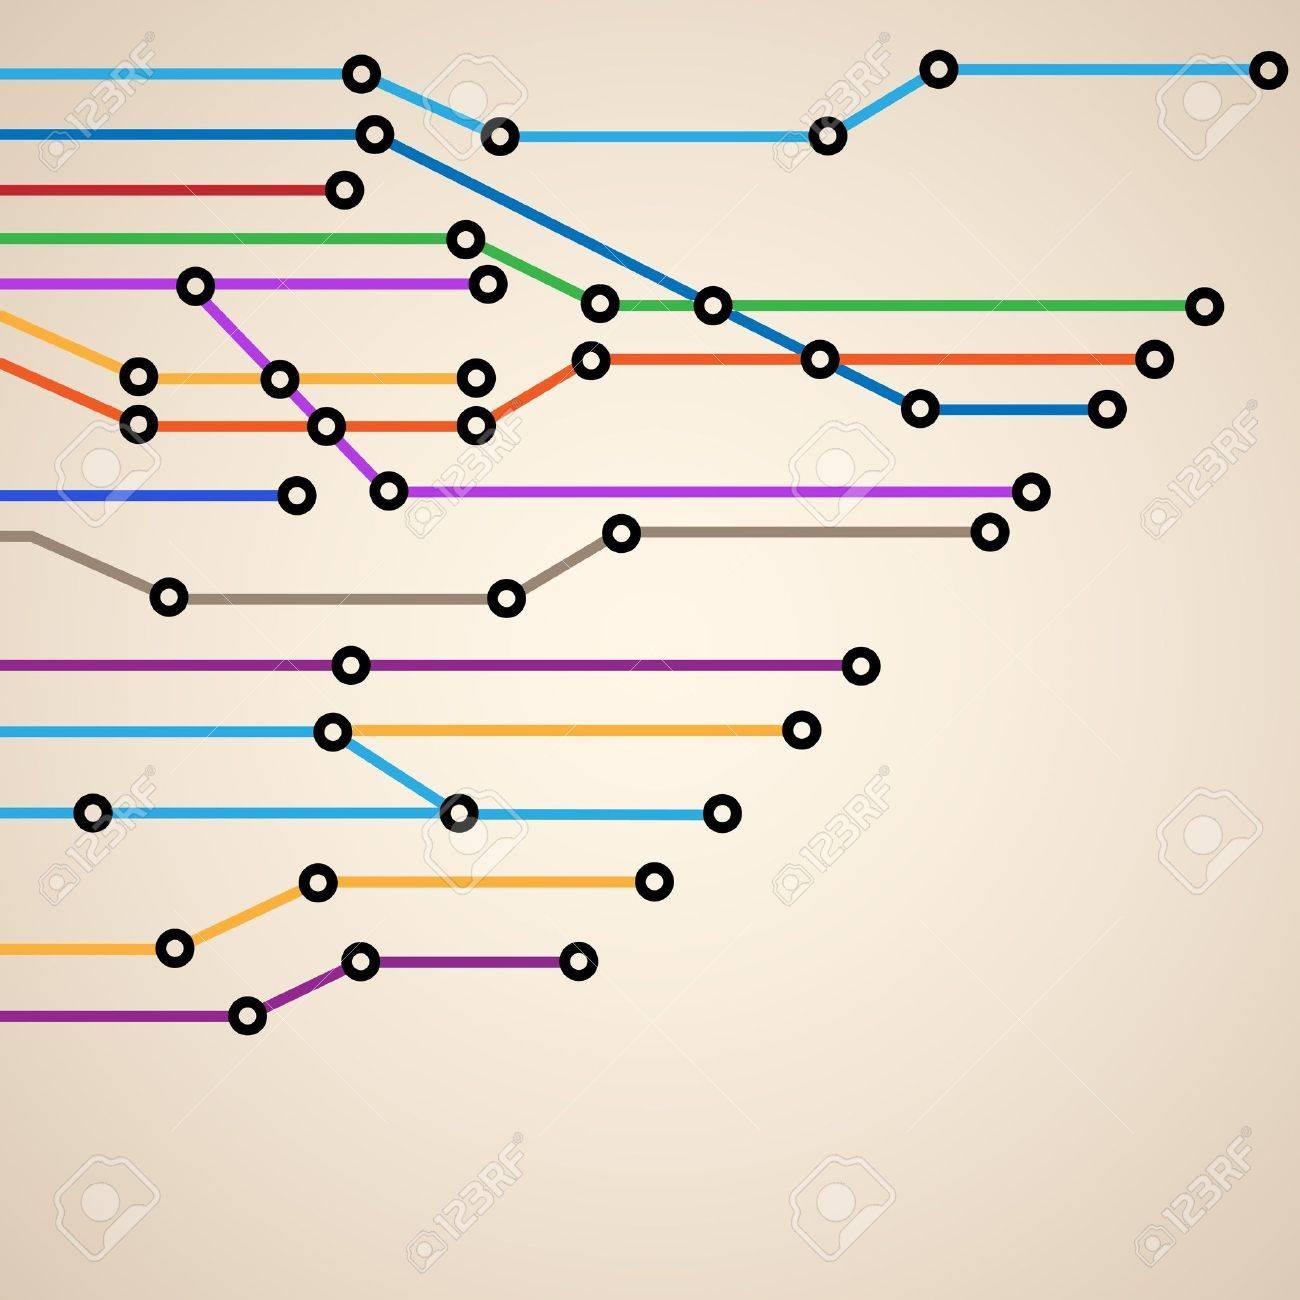 抽象的な地下鉄路線図のイラスト素材ベクタ Image 12967160